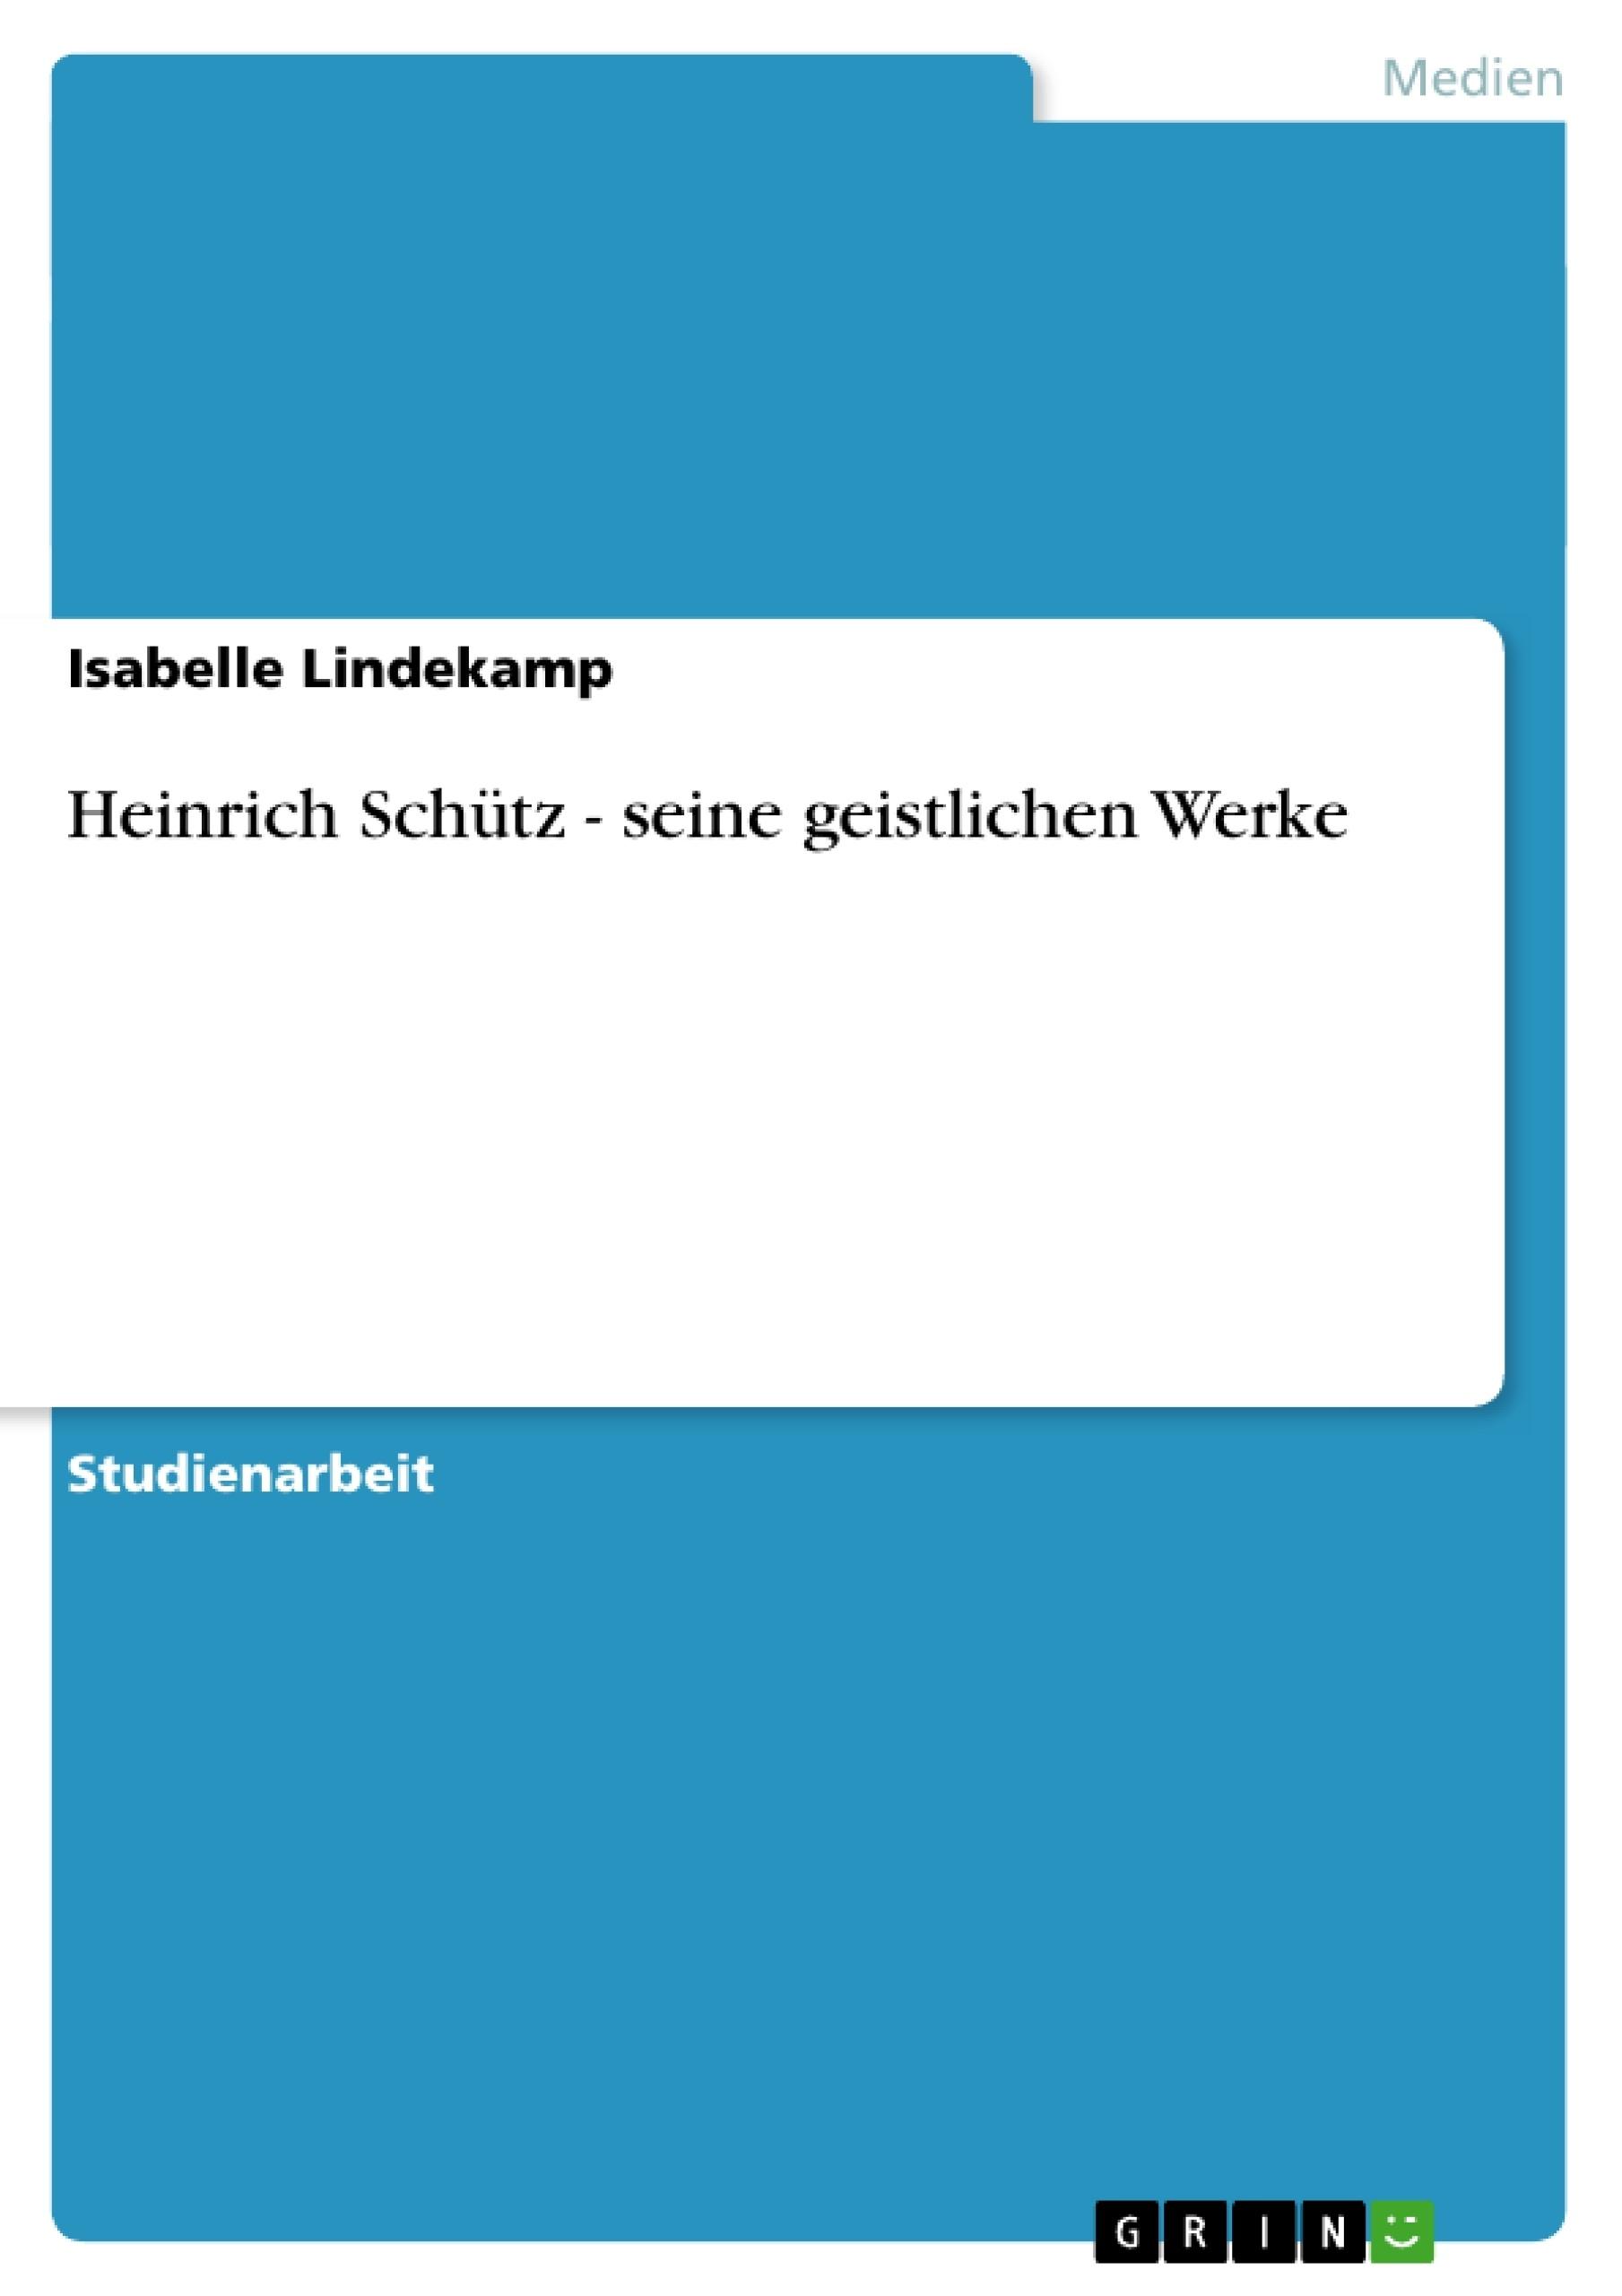 Titel: Heinrich Schütz - seine geistlichen Werke